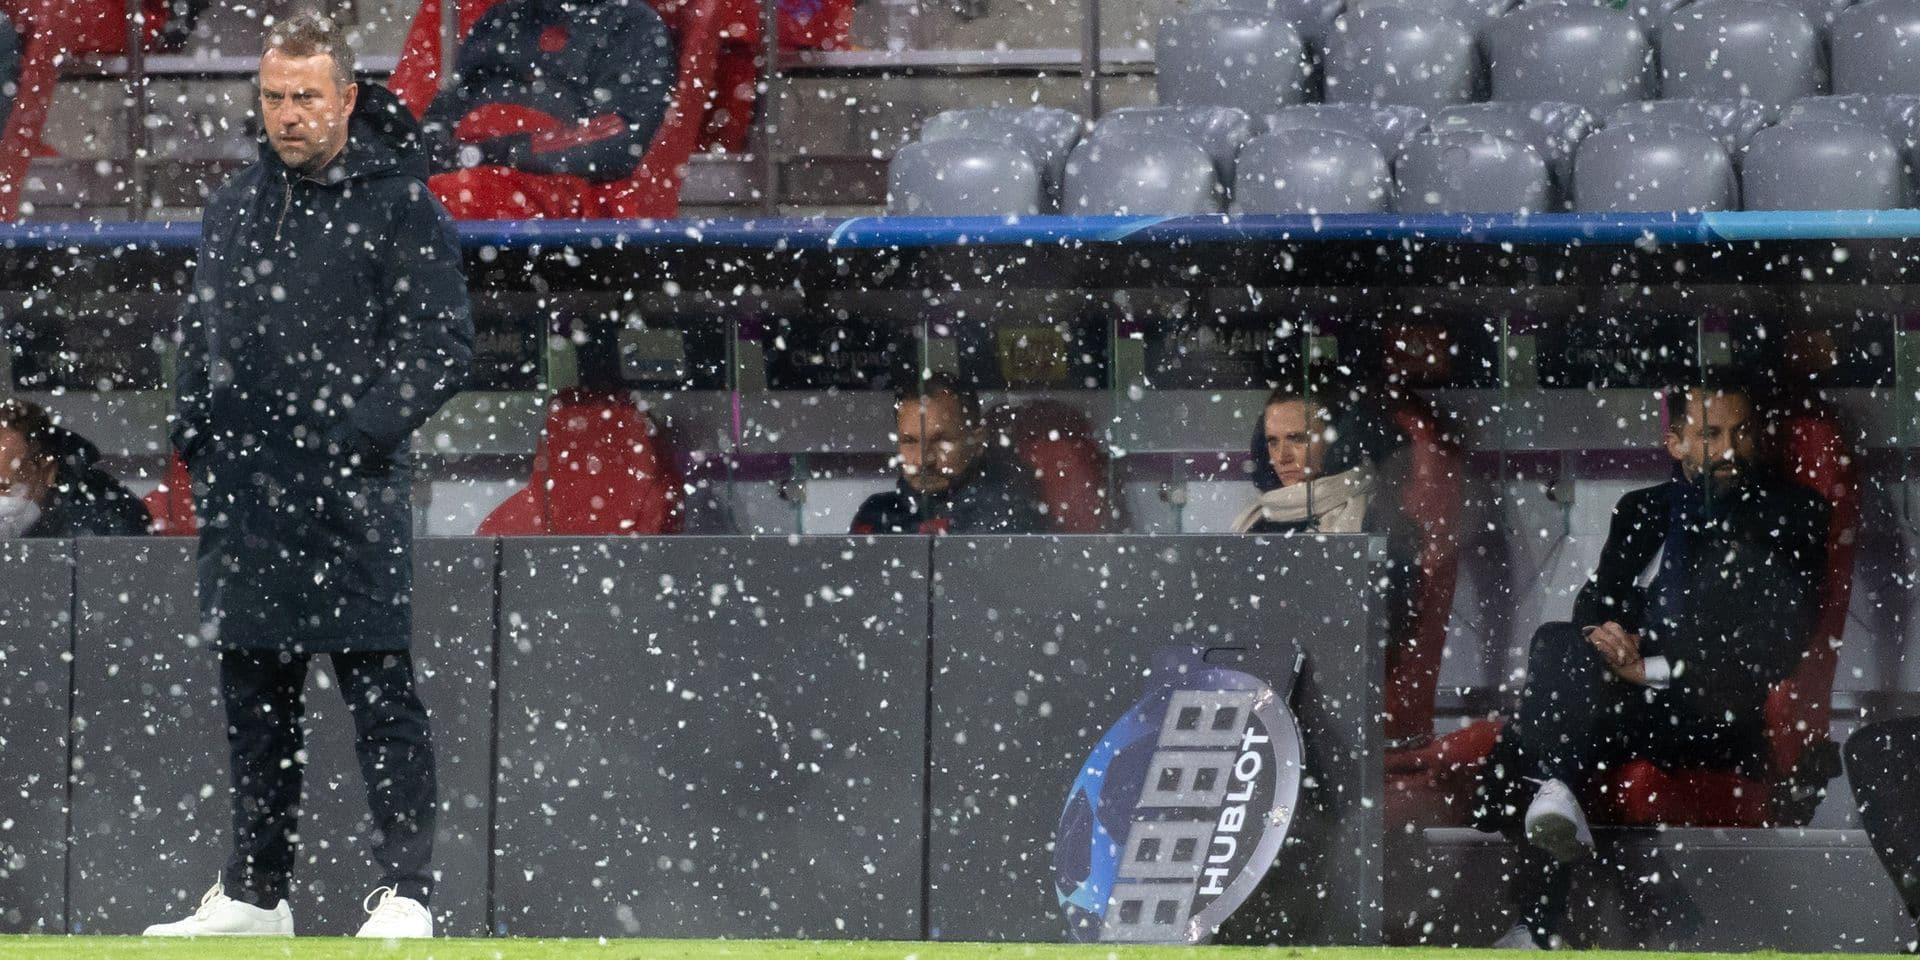 """Après sa déconvenue face au PSG, le Bayern est en proie à des conflits internes : """"Ce sujet doit prendre fin ! Il n'est pas nécessaire de le commenter en permanence"""""""